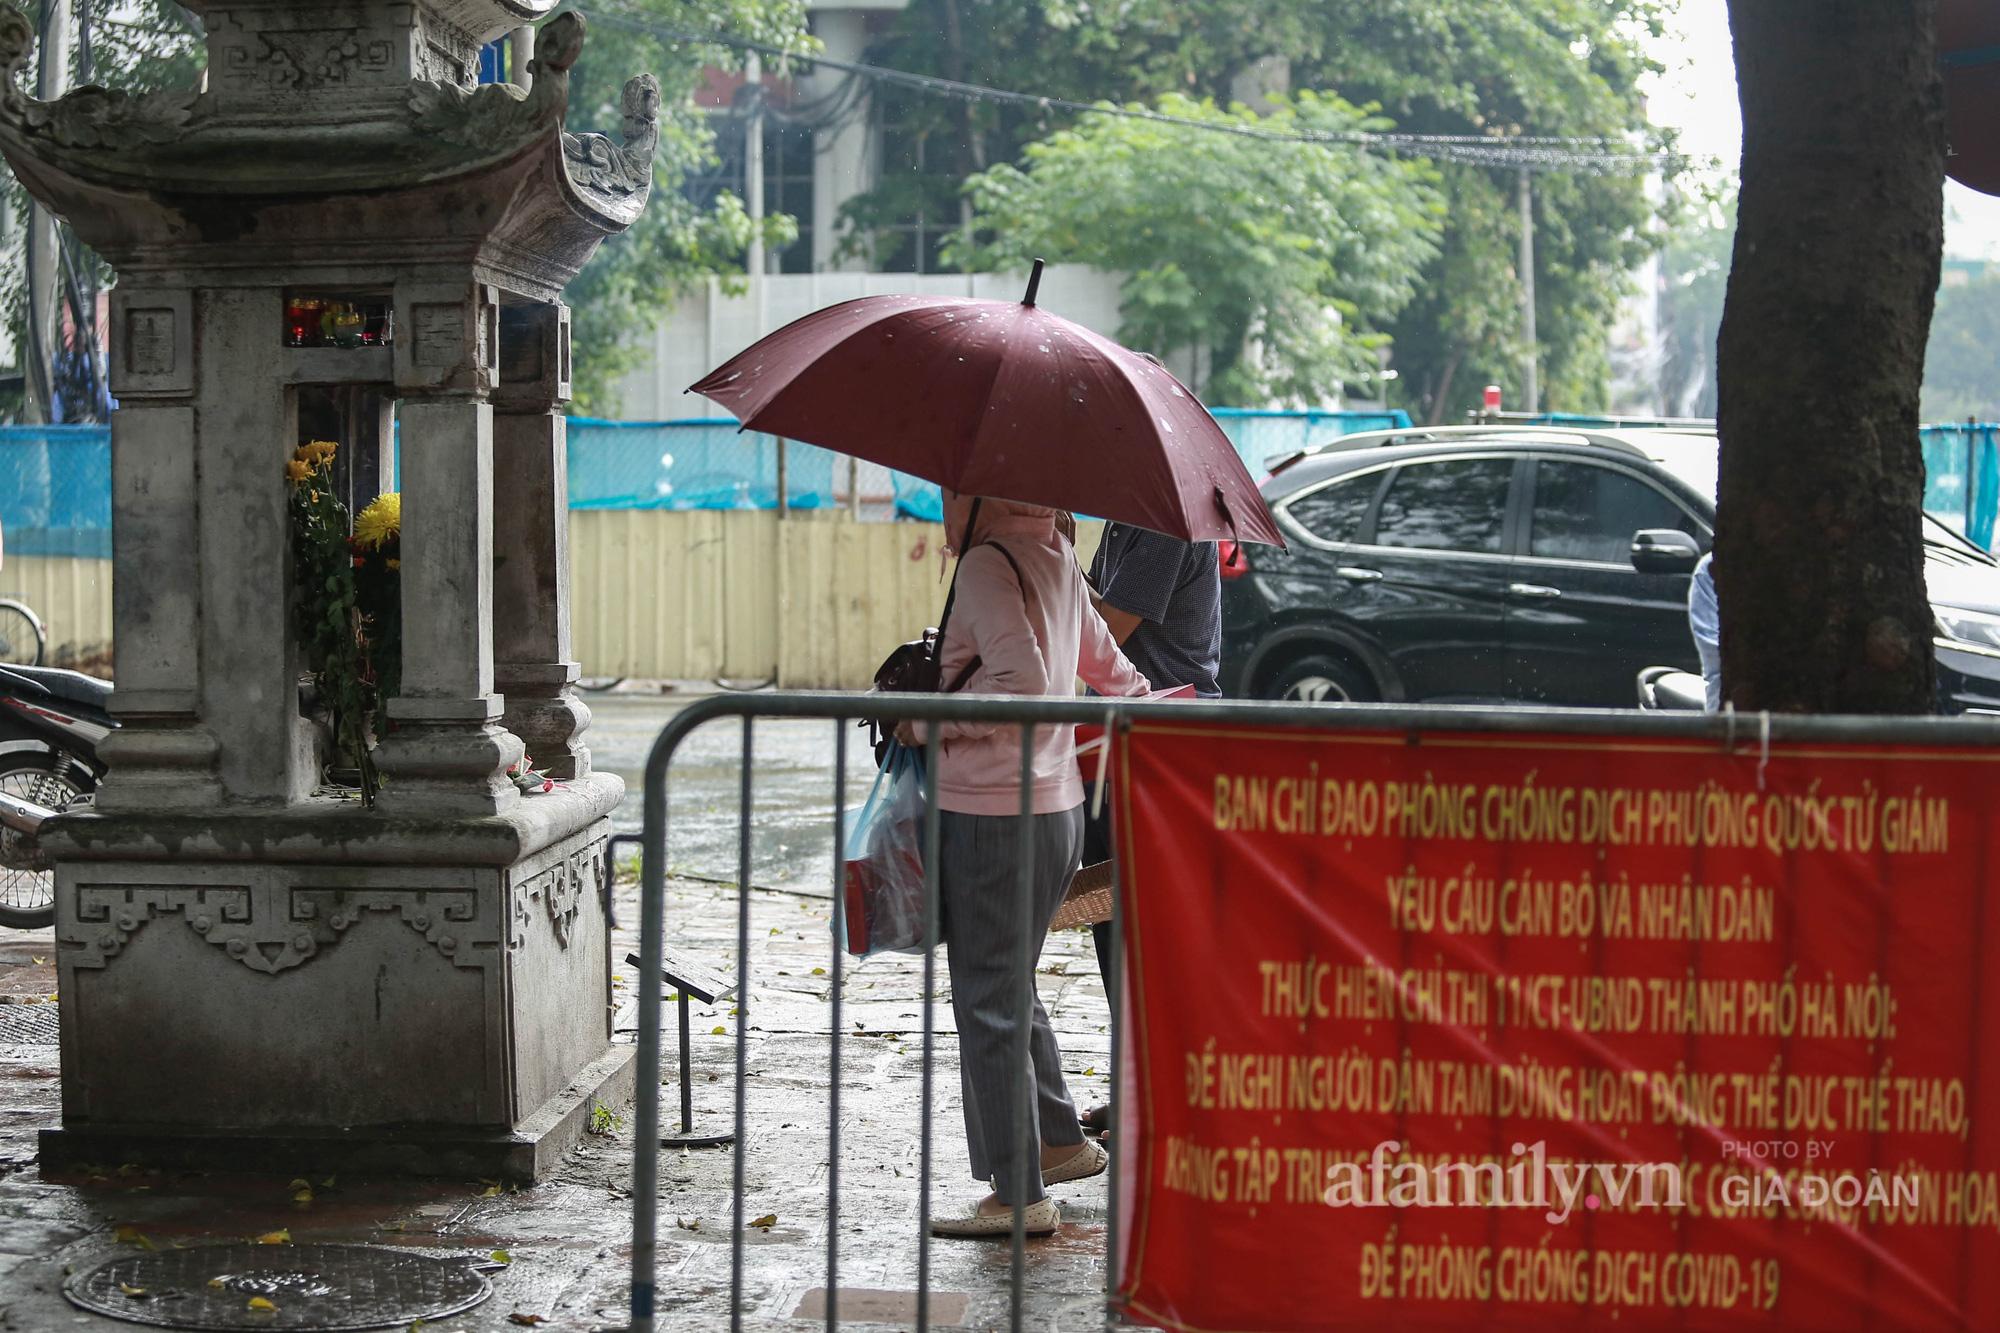 Phụ huynh, thí sinh ở Hà Nội đội mưa đi lễ cầu may trước ngày thi vào lớp 10 THPT - Ảnh 5.